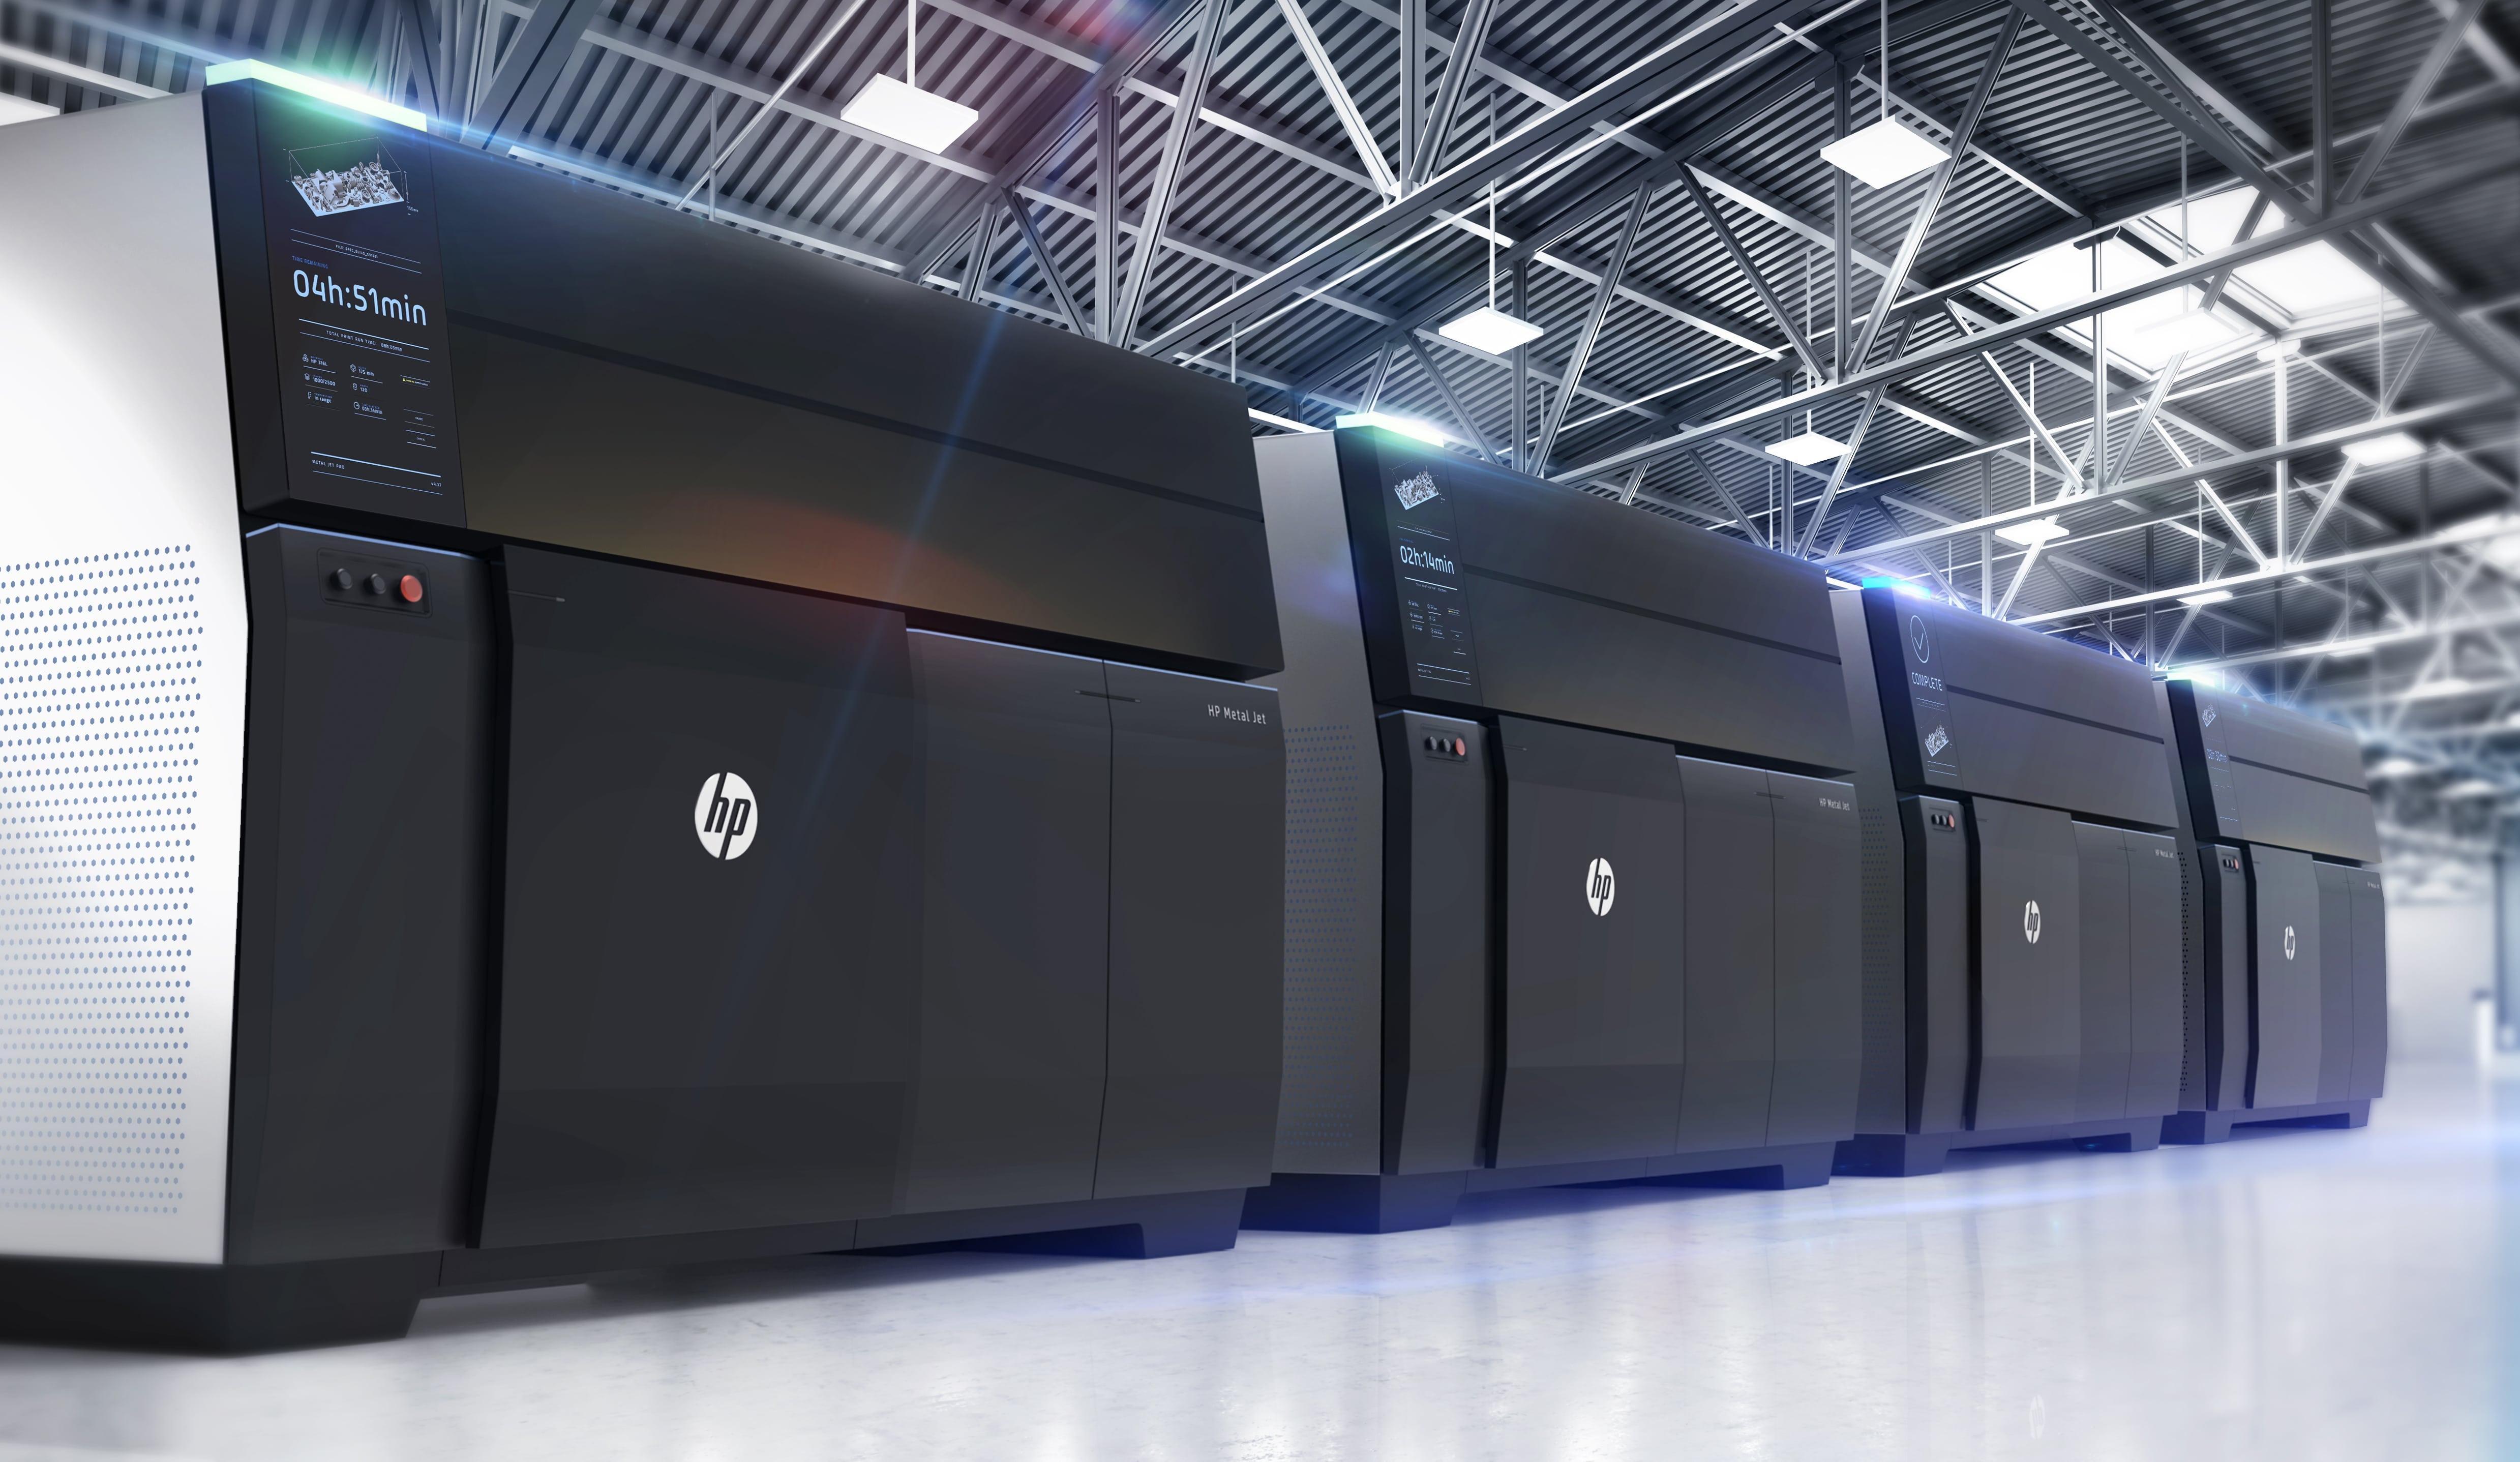 HP lanza la tecnología de impresión 3D para la producción de piezas metálicas que acelerará la 4ª Revolución Industrial